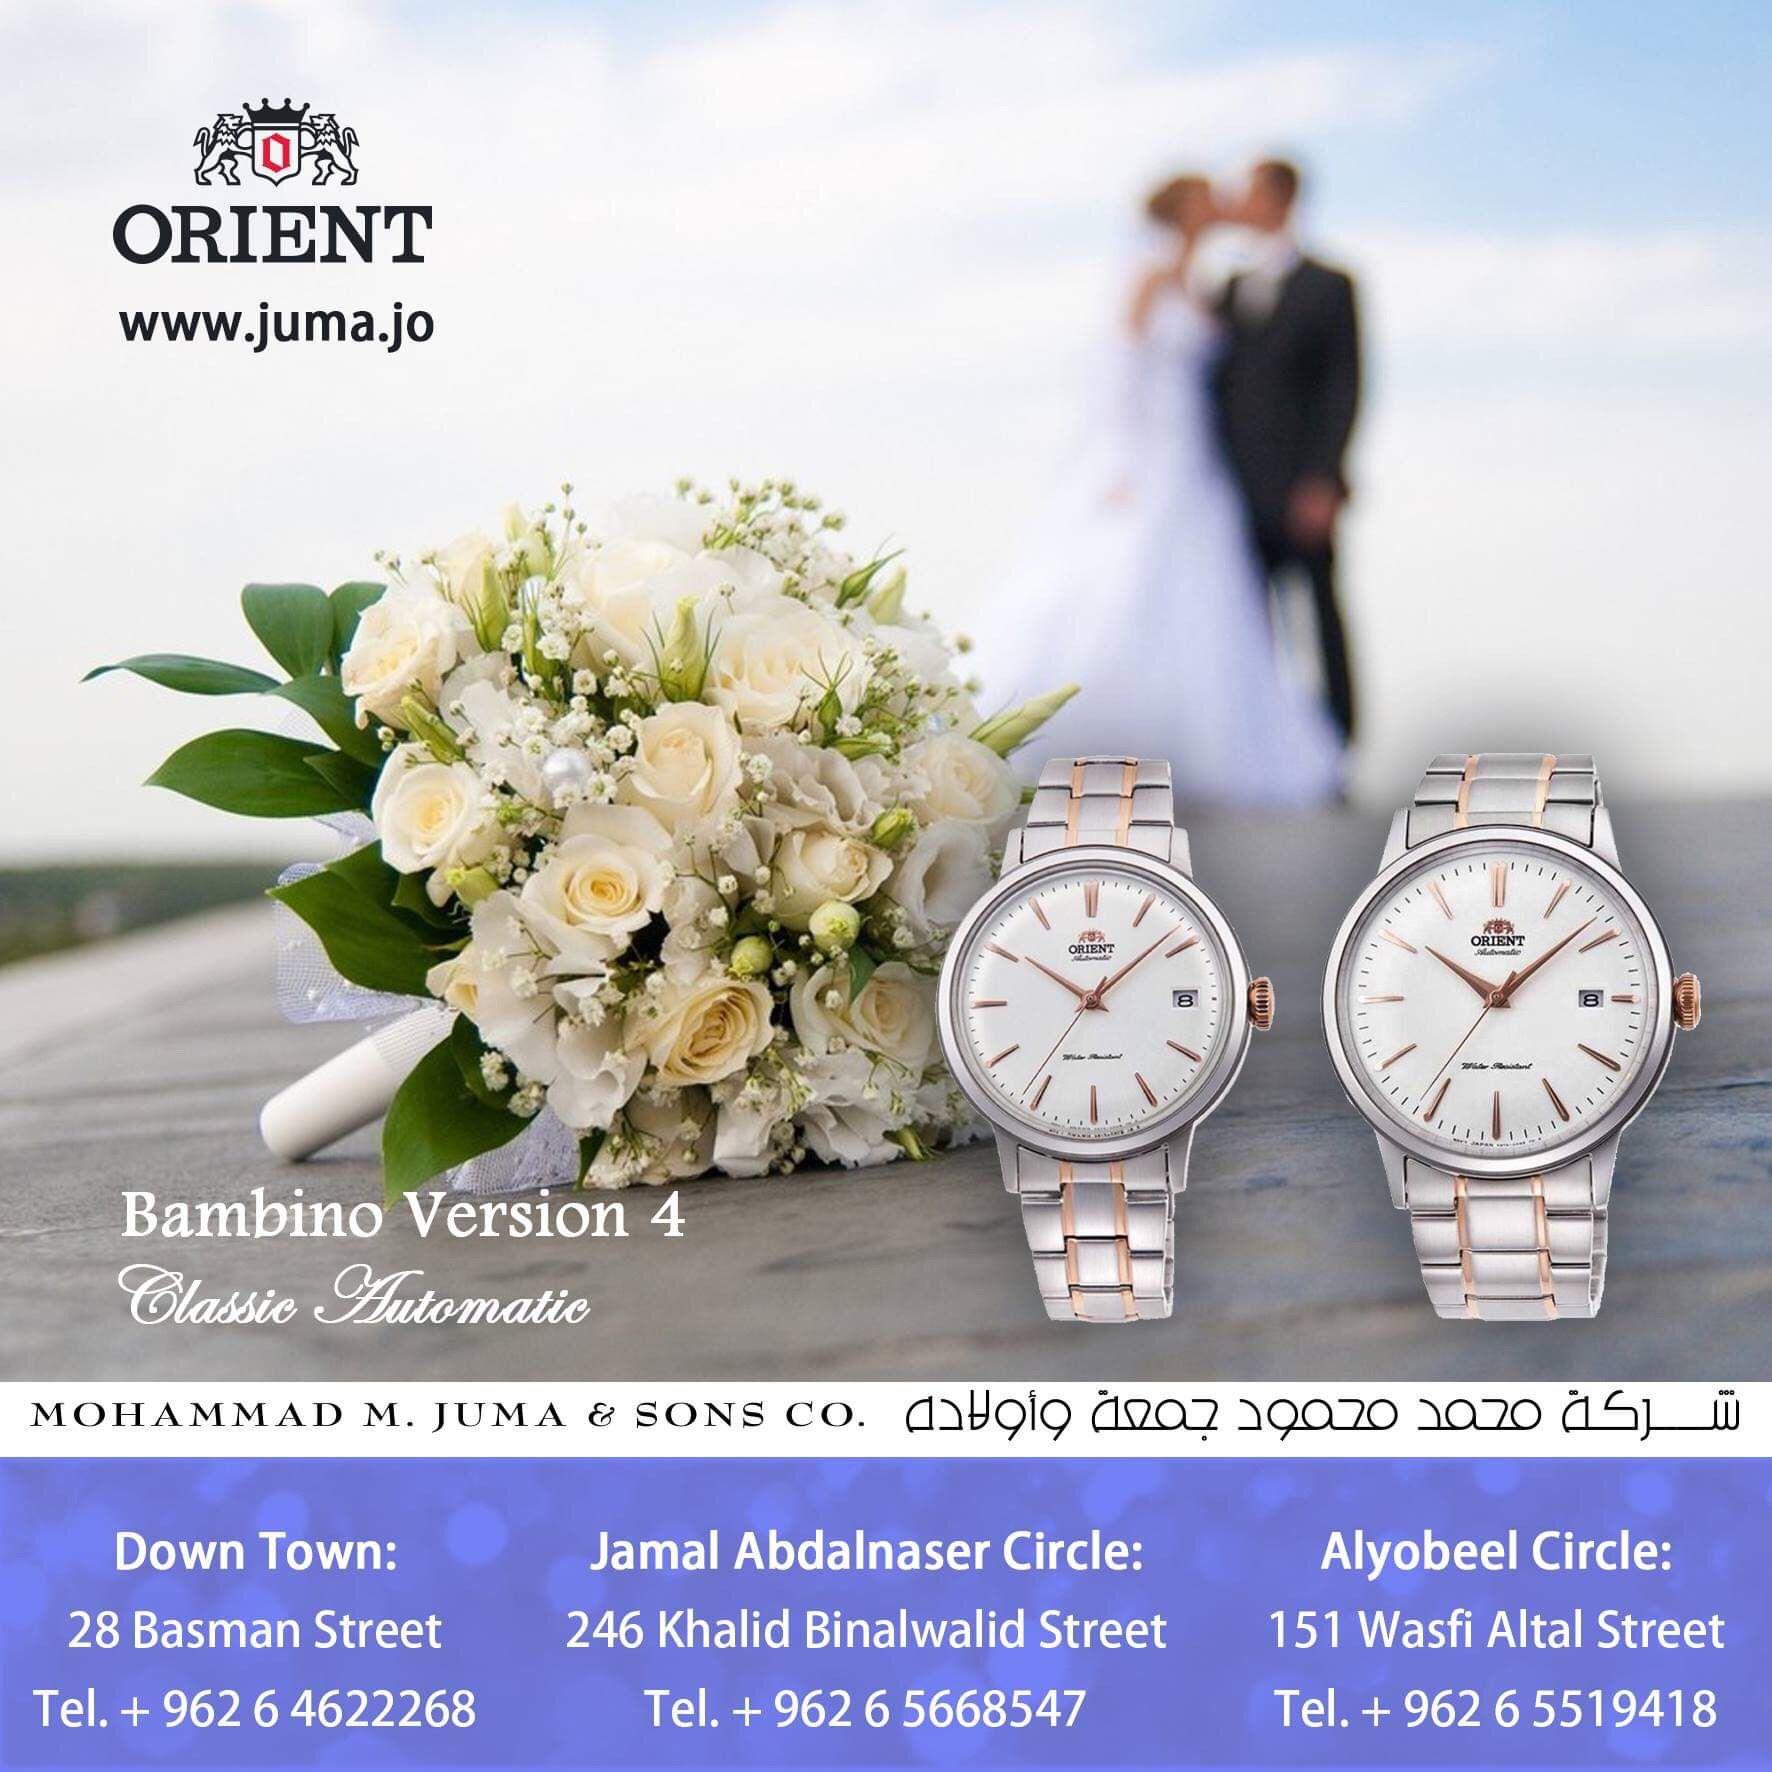 للمقبلين على الزواج نقدم لكم هذا الطقم الجديد من ساعات اورينت فئة بامبينو Orient Watch Bracelet Watch Jamal